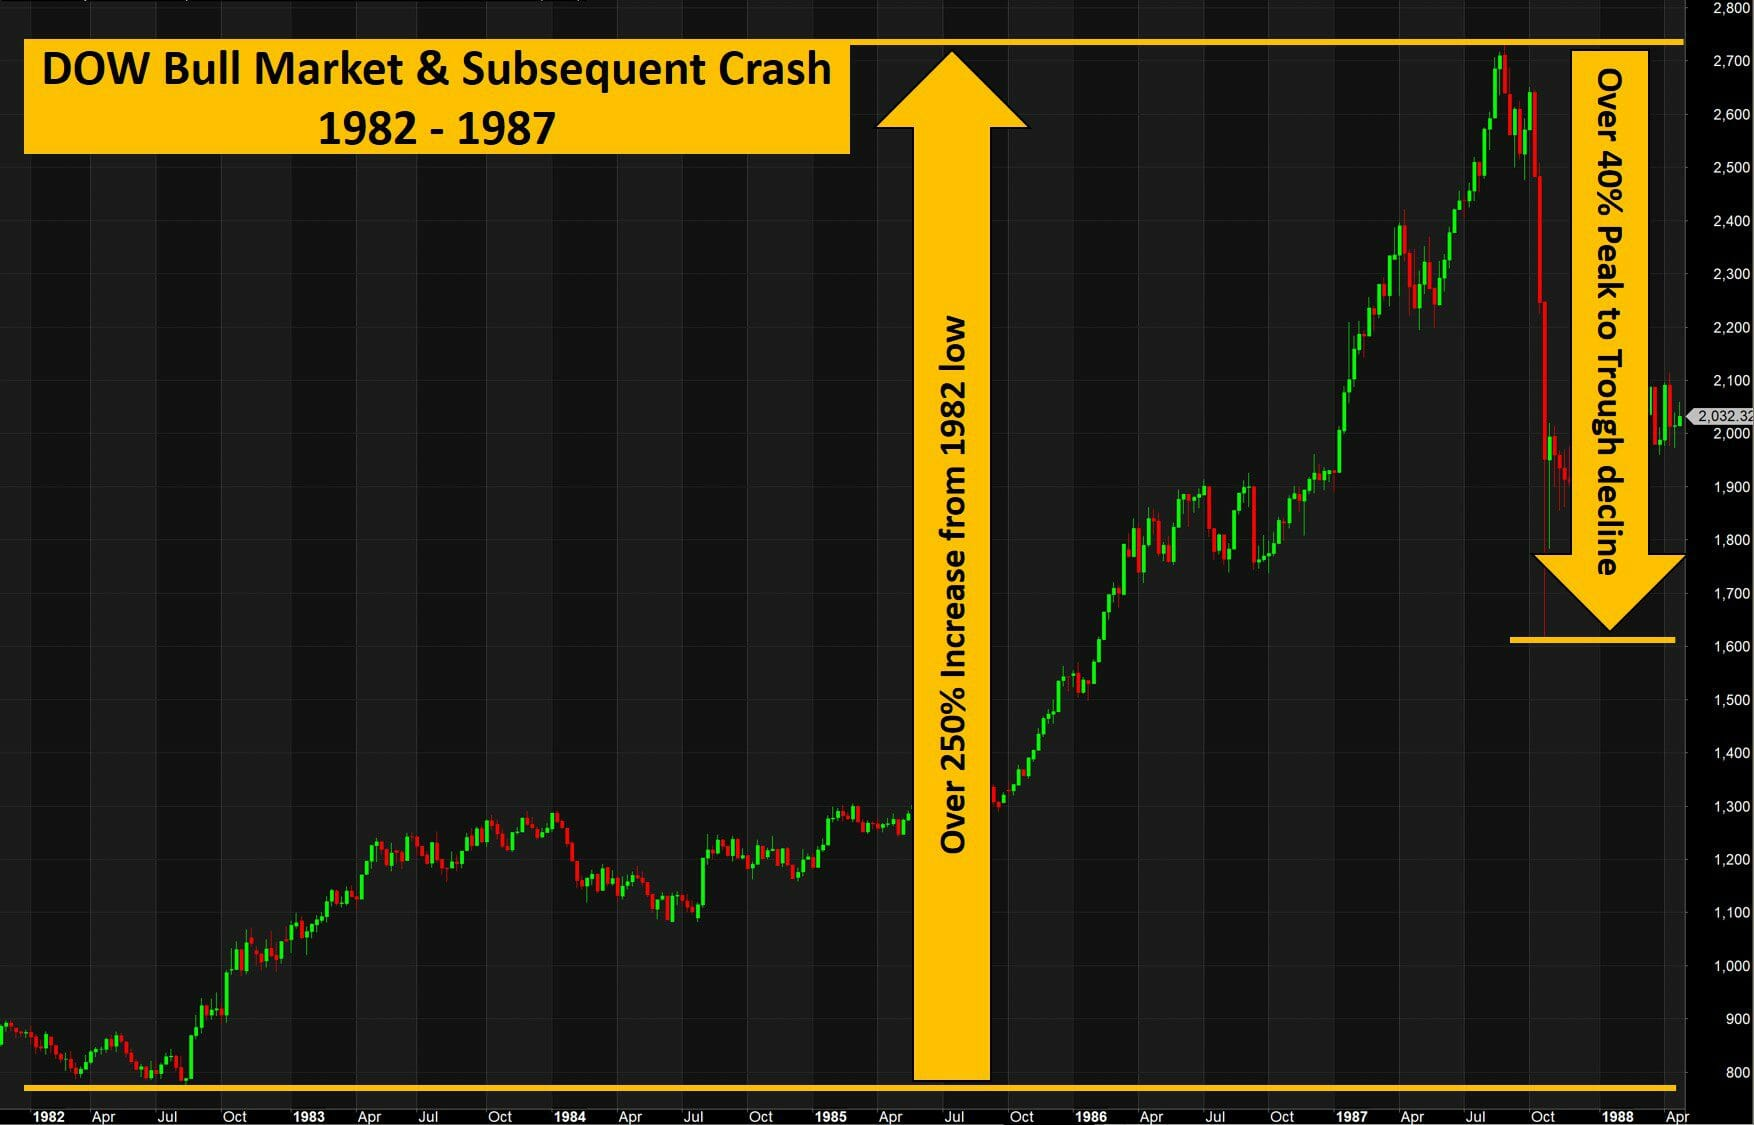 Stock Market Crash of 1987 - Bull market leading up to the crash